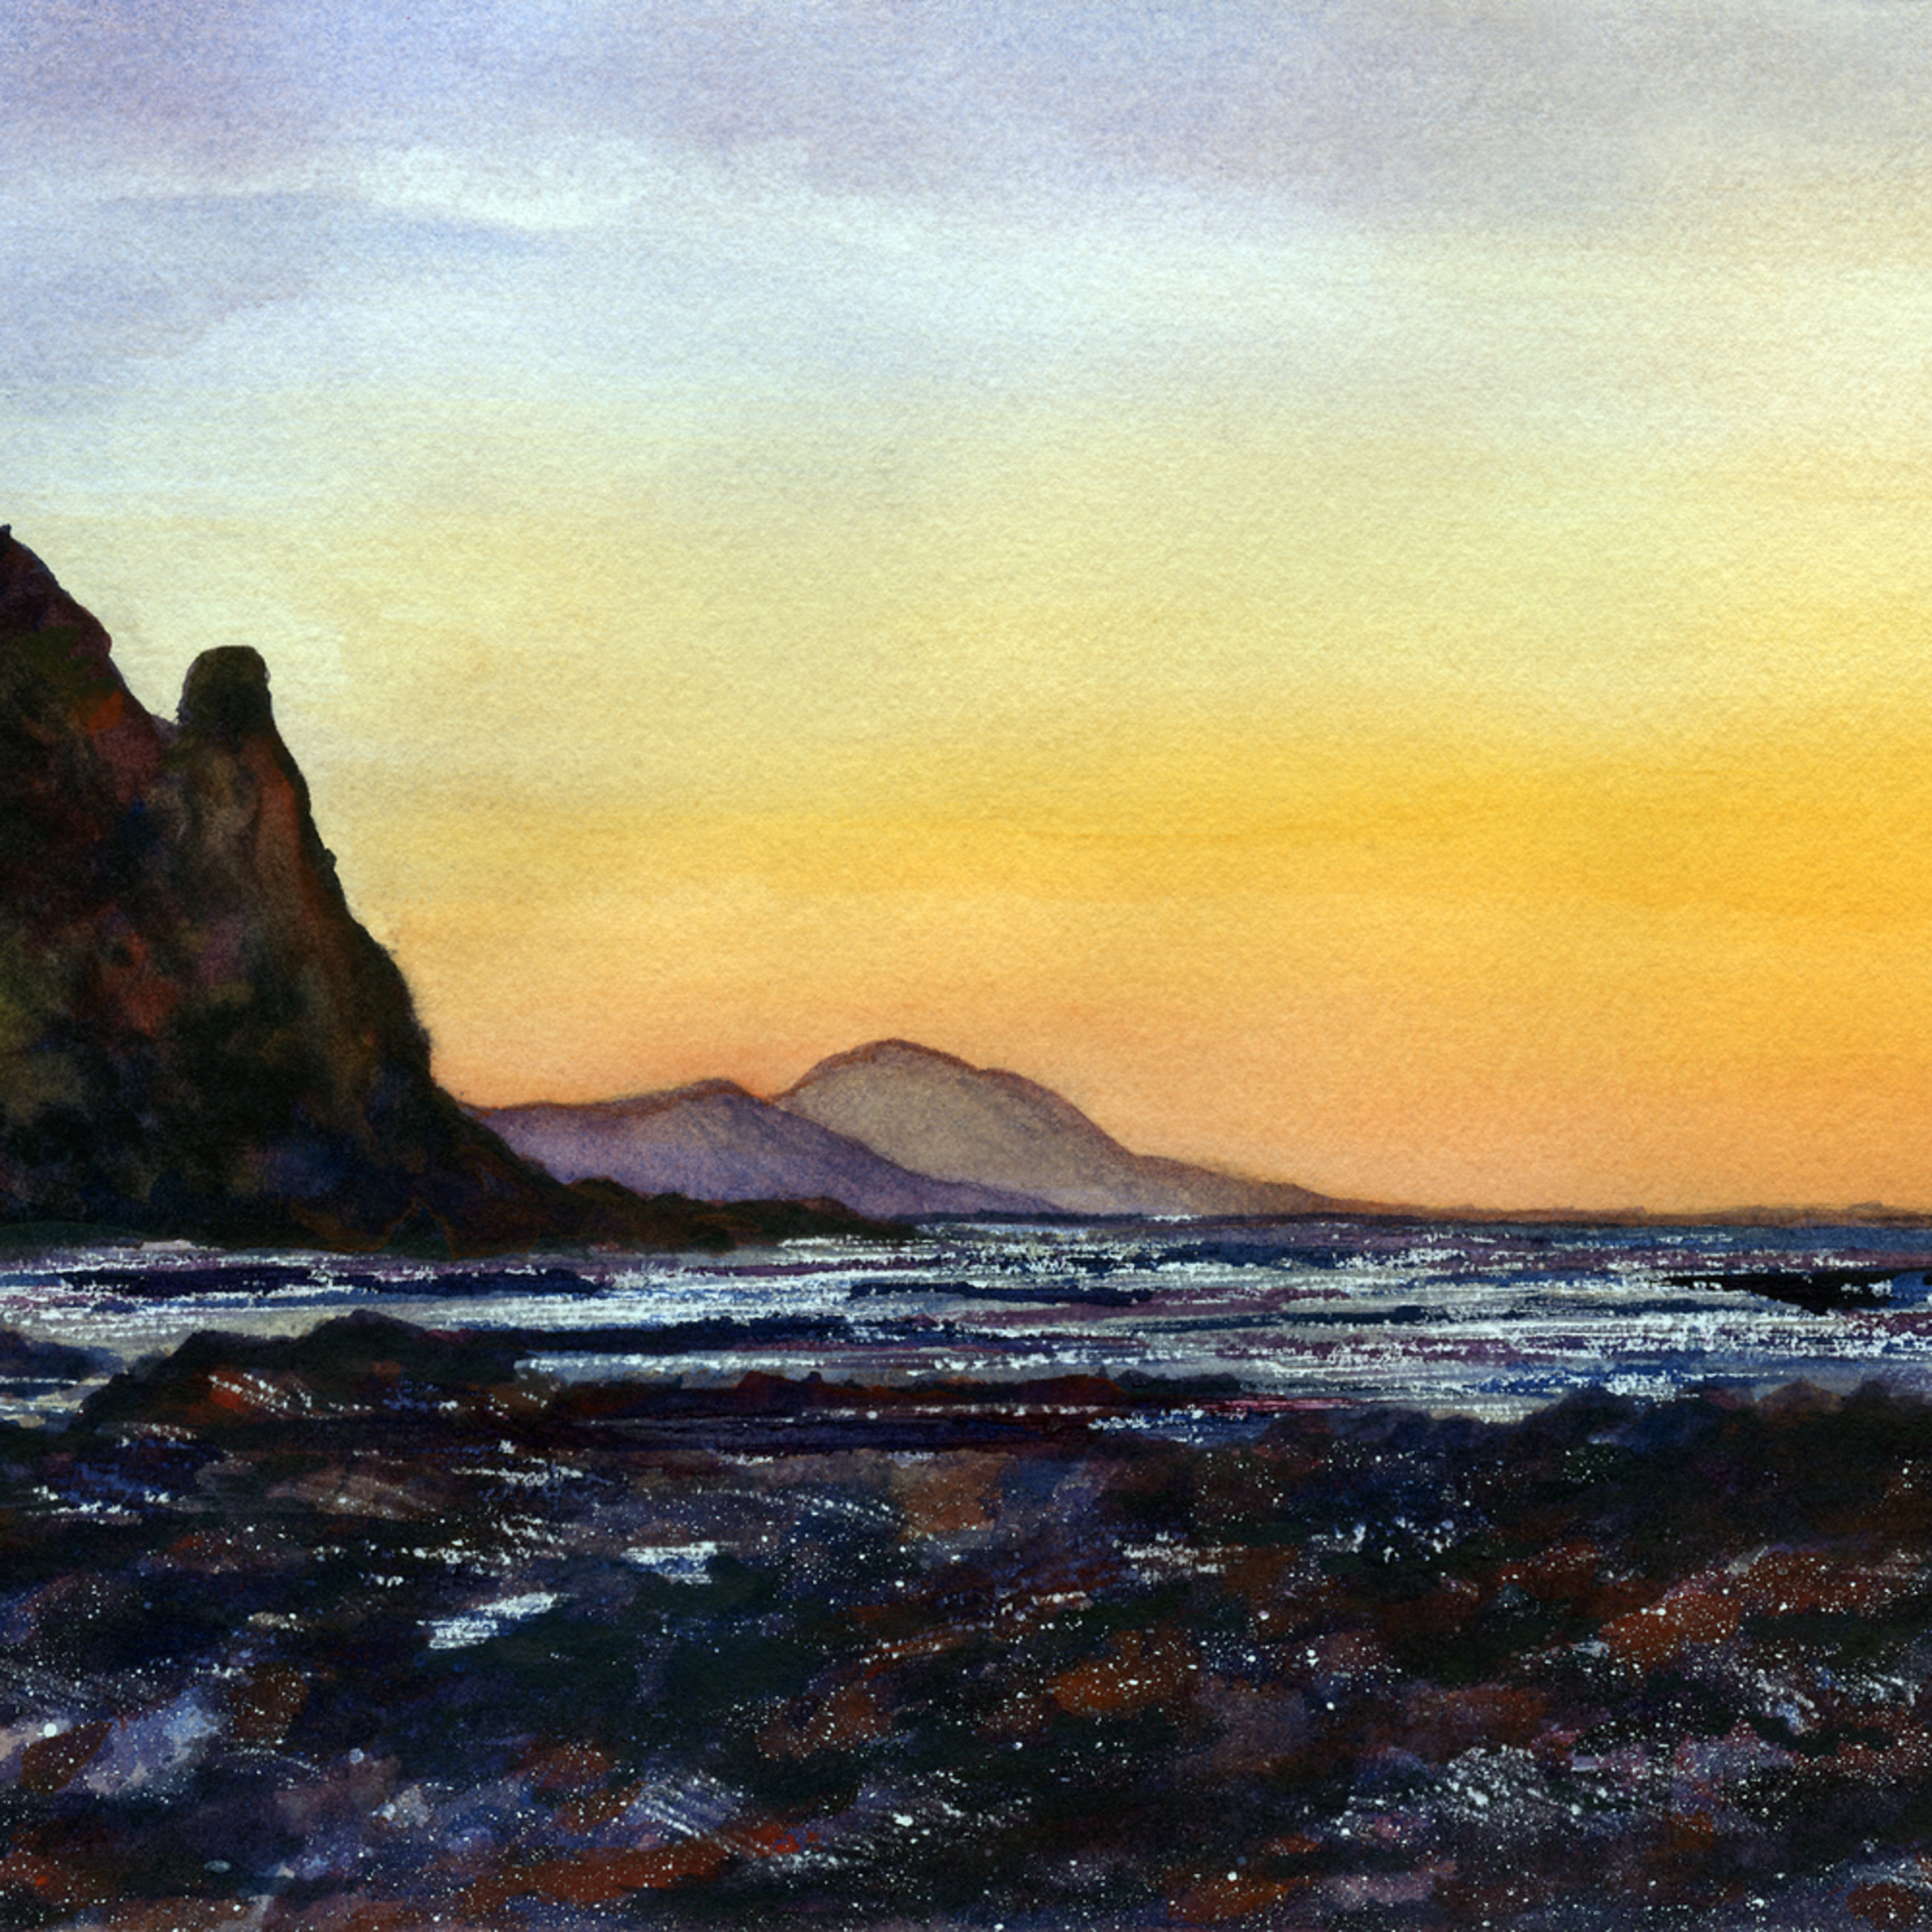 Sunset at inishowen   watercolour on panel   8.5 22 x 17.75 22 rptfja